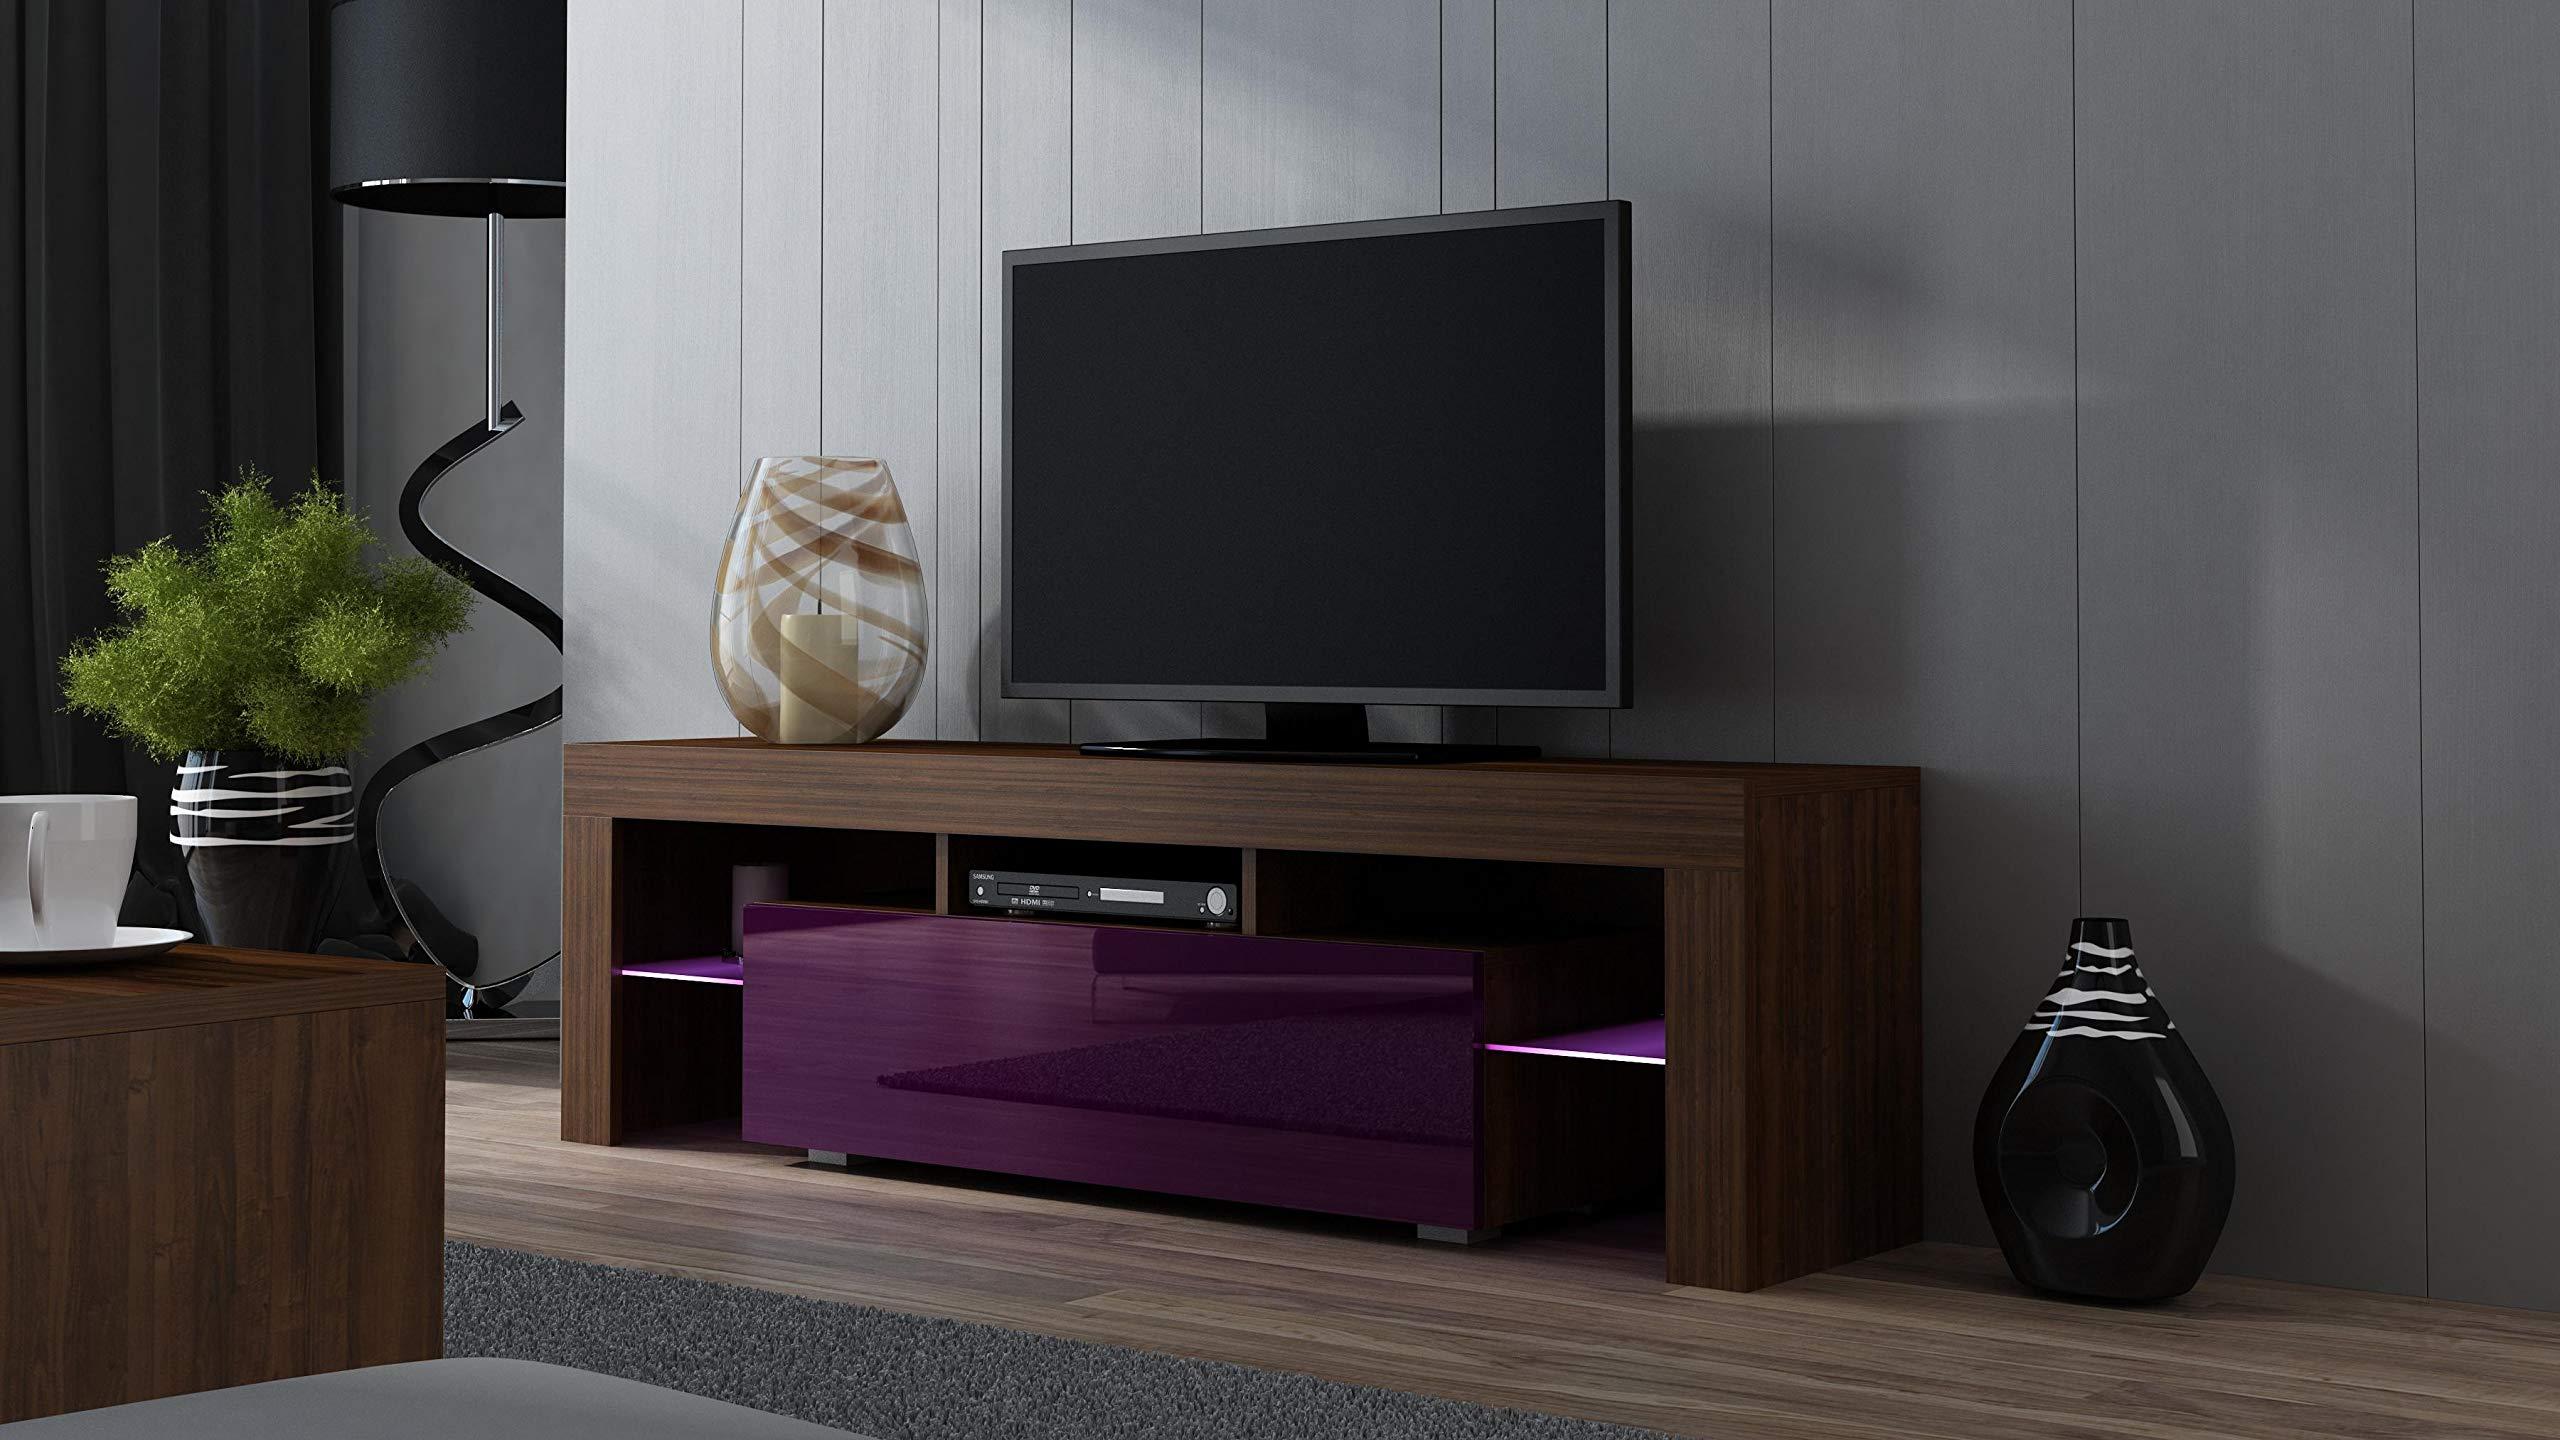 MILANO 160 Castaño y Blanco - Exclusivo mueble TV sala / para televisores de hasta 70 pulgadas / Moderna y elegante mesa TV con estantes de cristal con iluminación LED y un